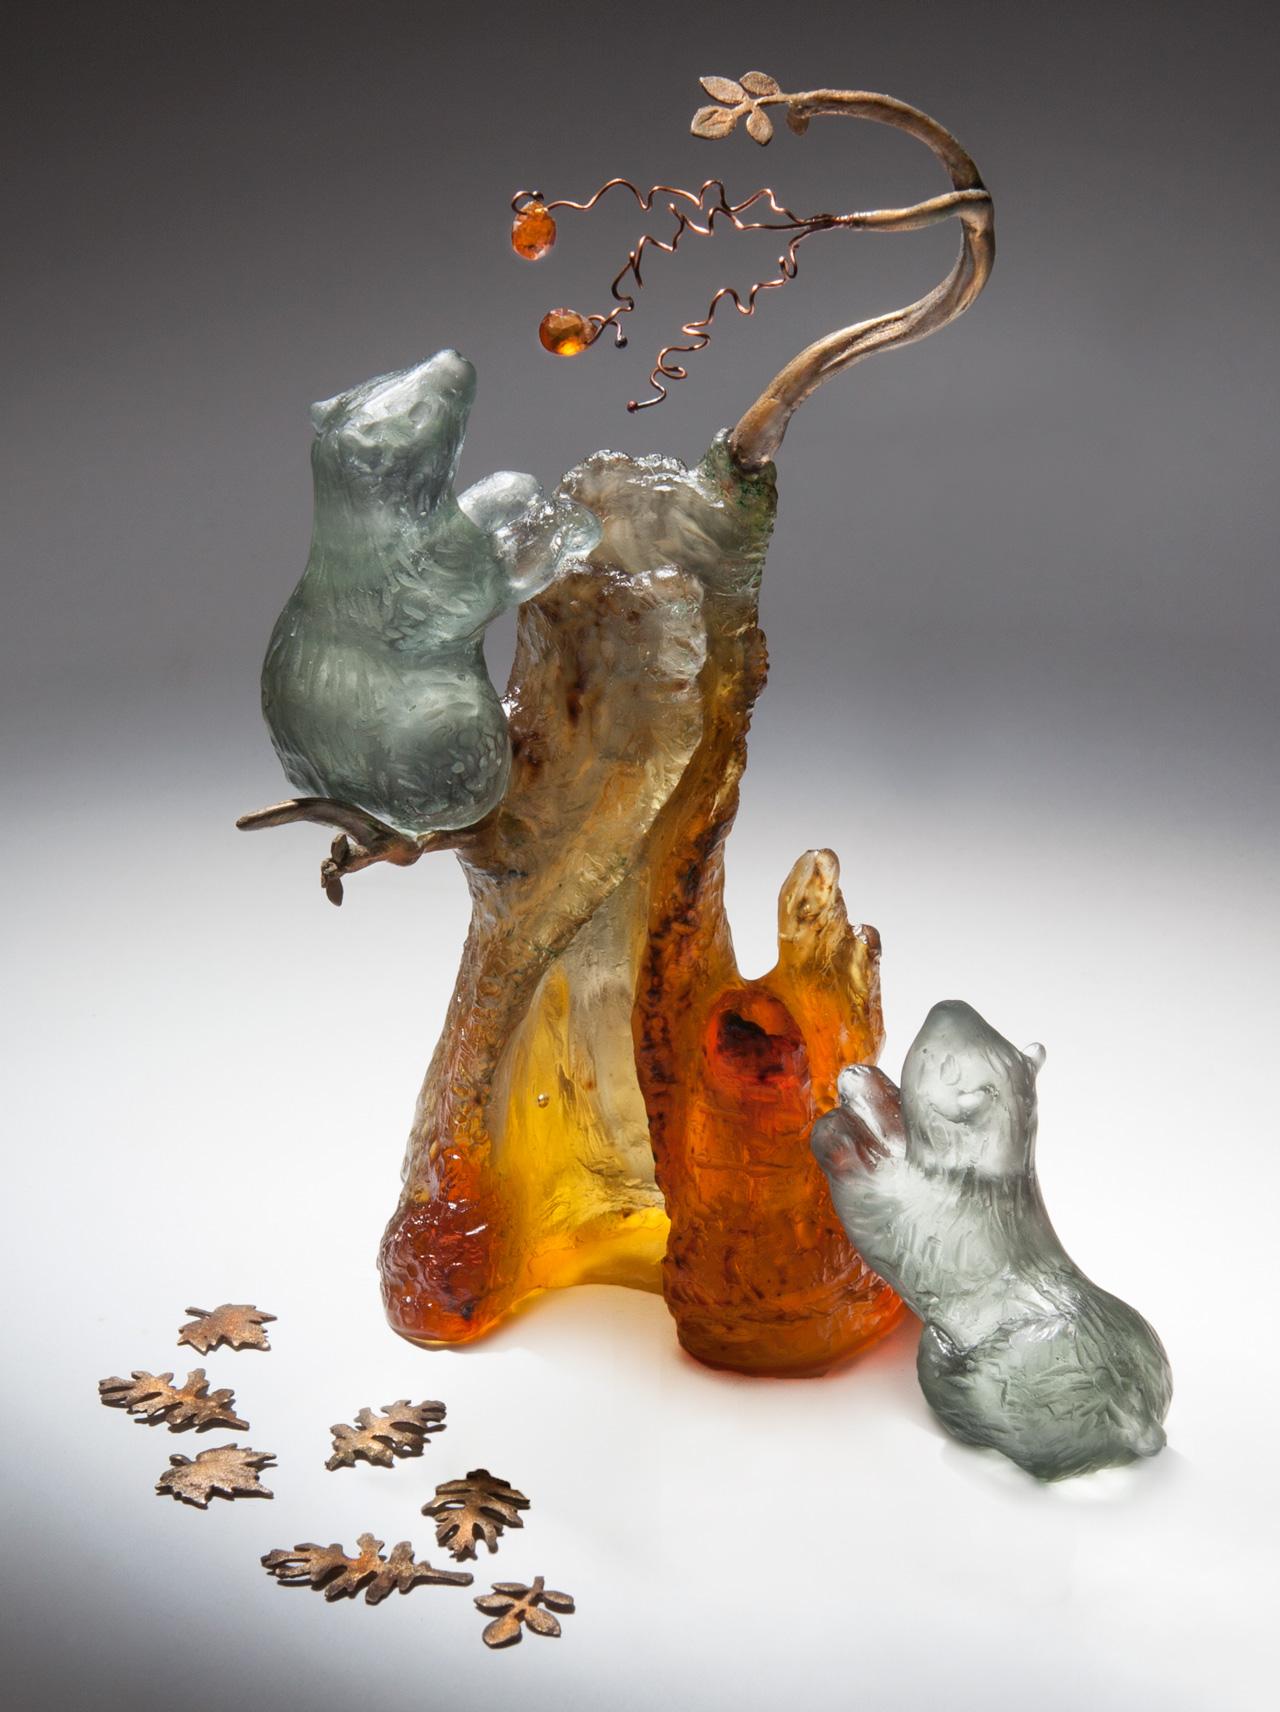 glass sculpture: bears climbing tree for fruit